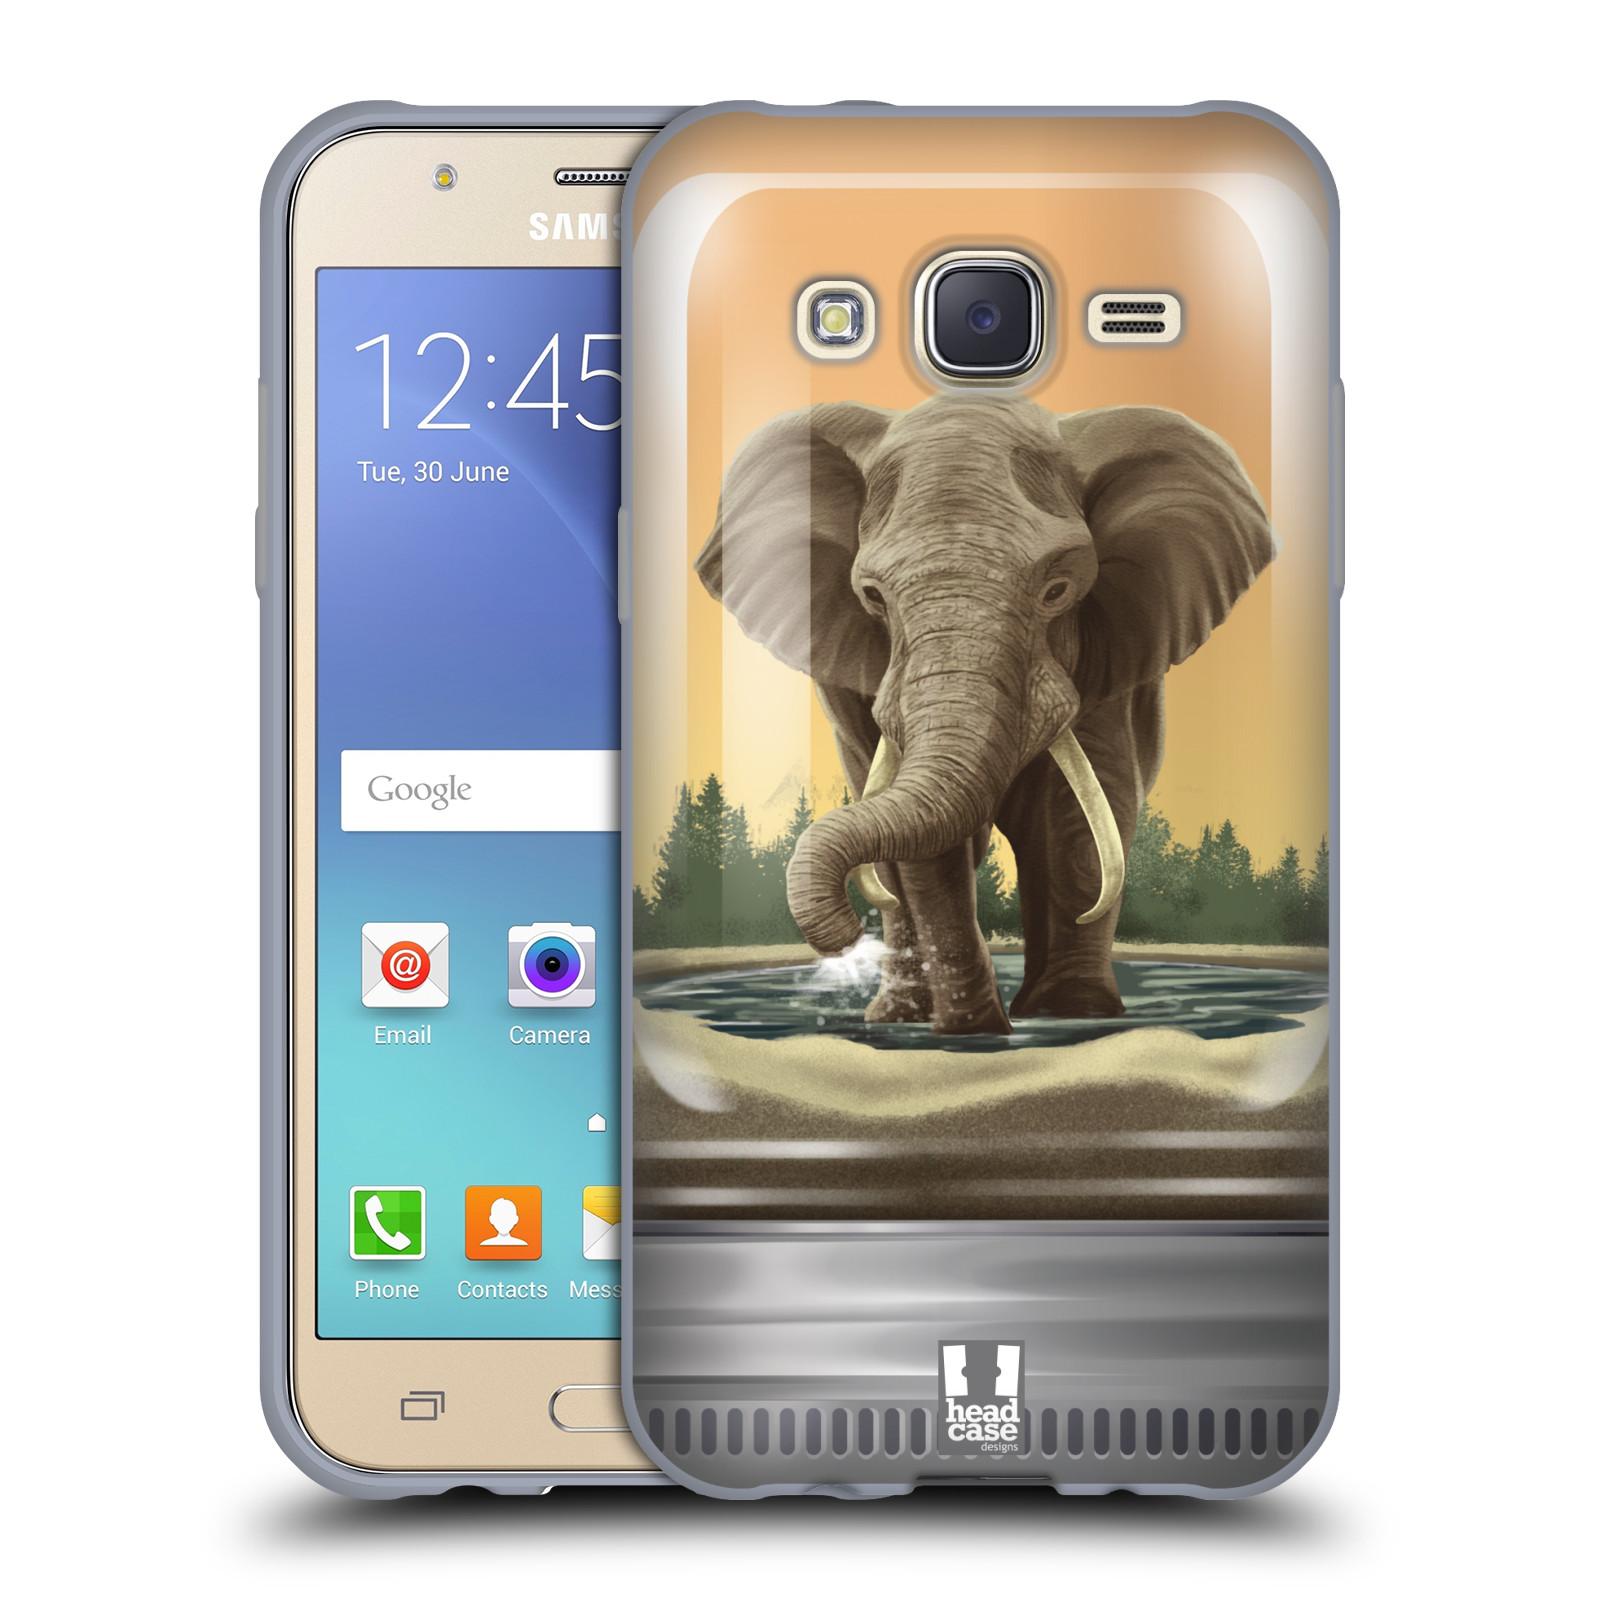 HEAD CASE silikonový obal na mobil Samsung Galaxy J5, J500, (J5 DUOS) vzor Zvířátka v těžítku slon